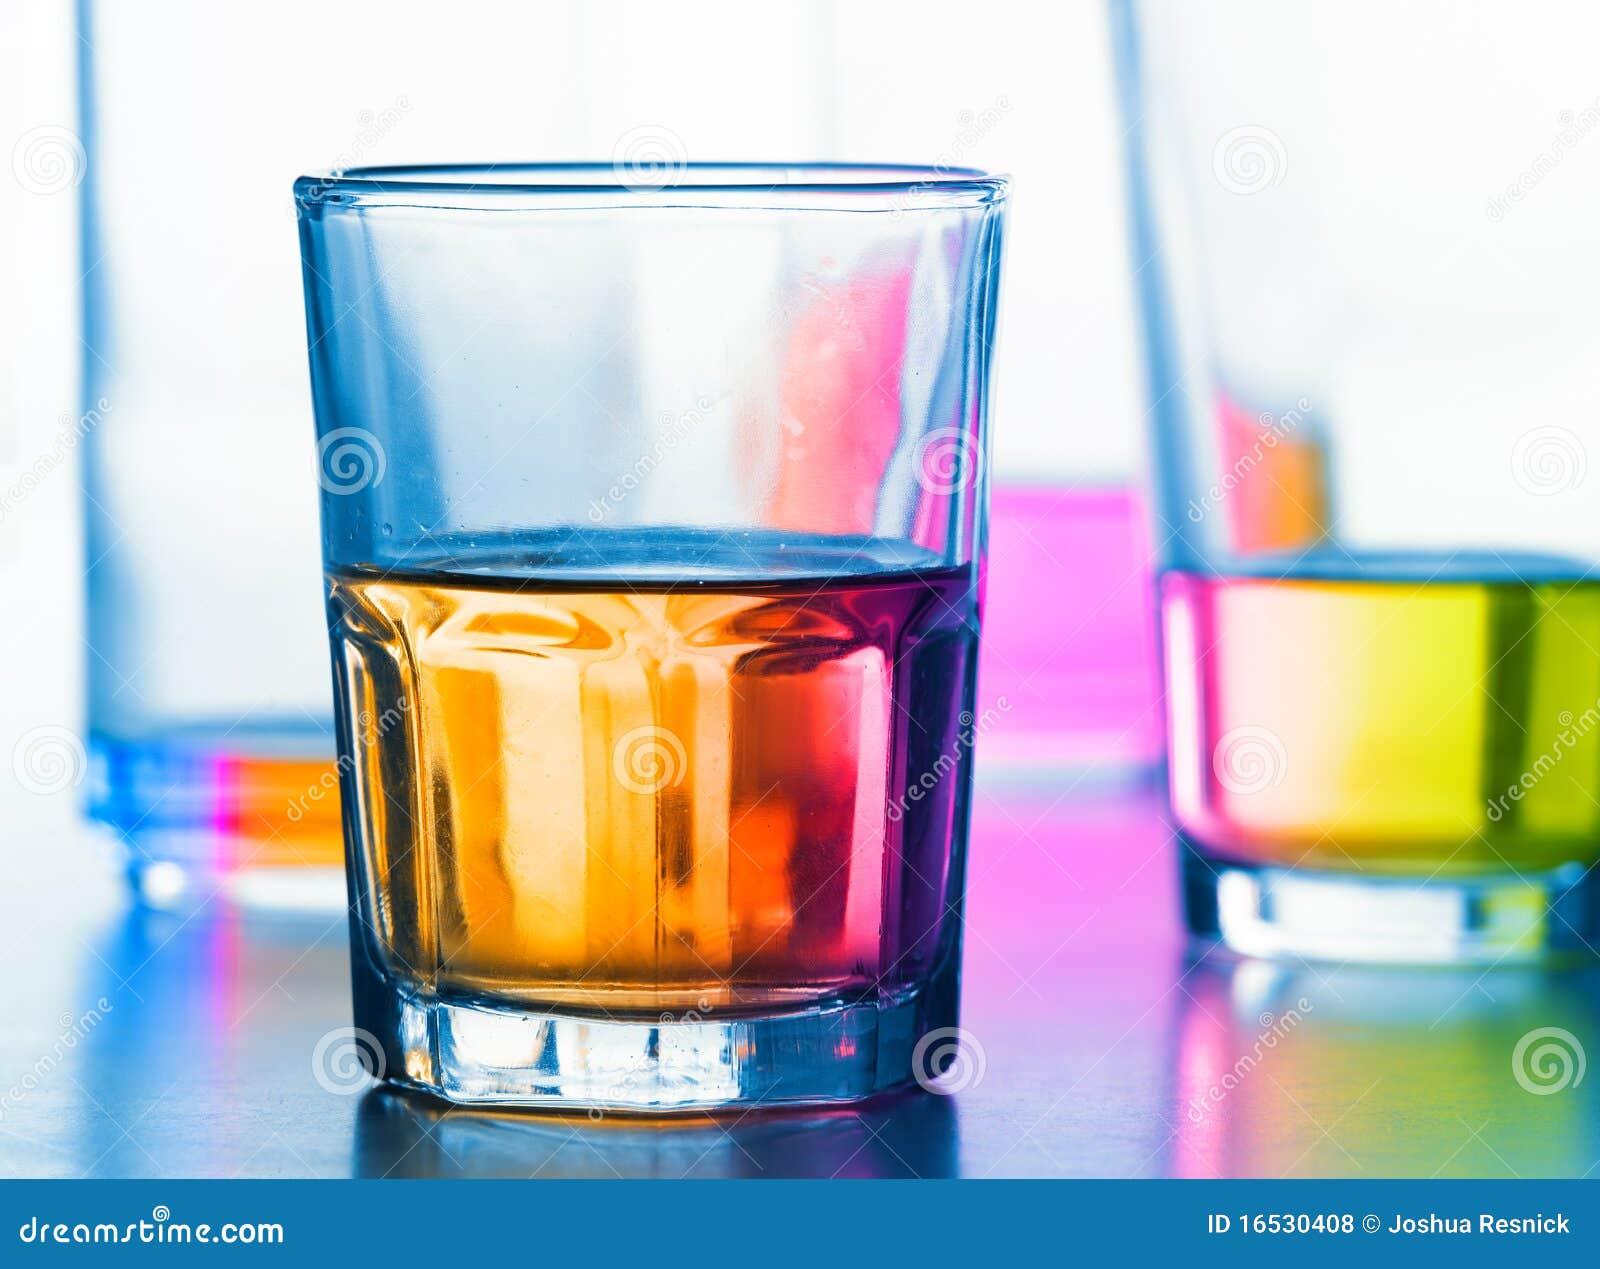 Abstrakte Gläser mit Flüssigkeit